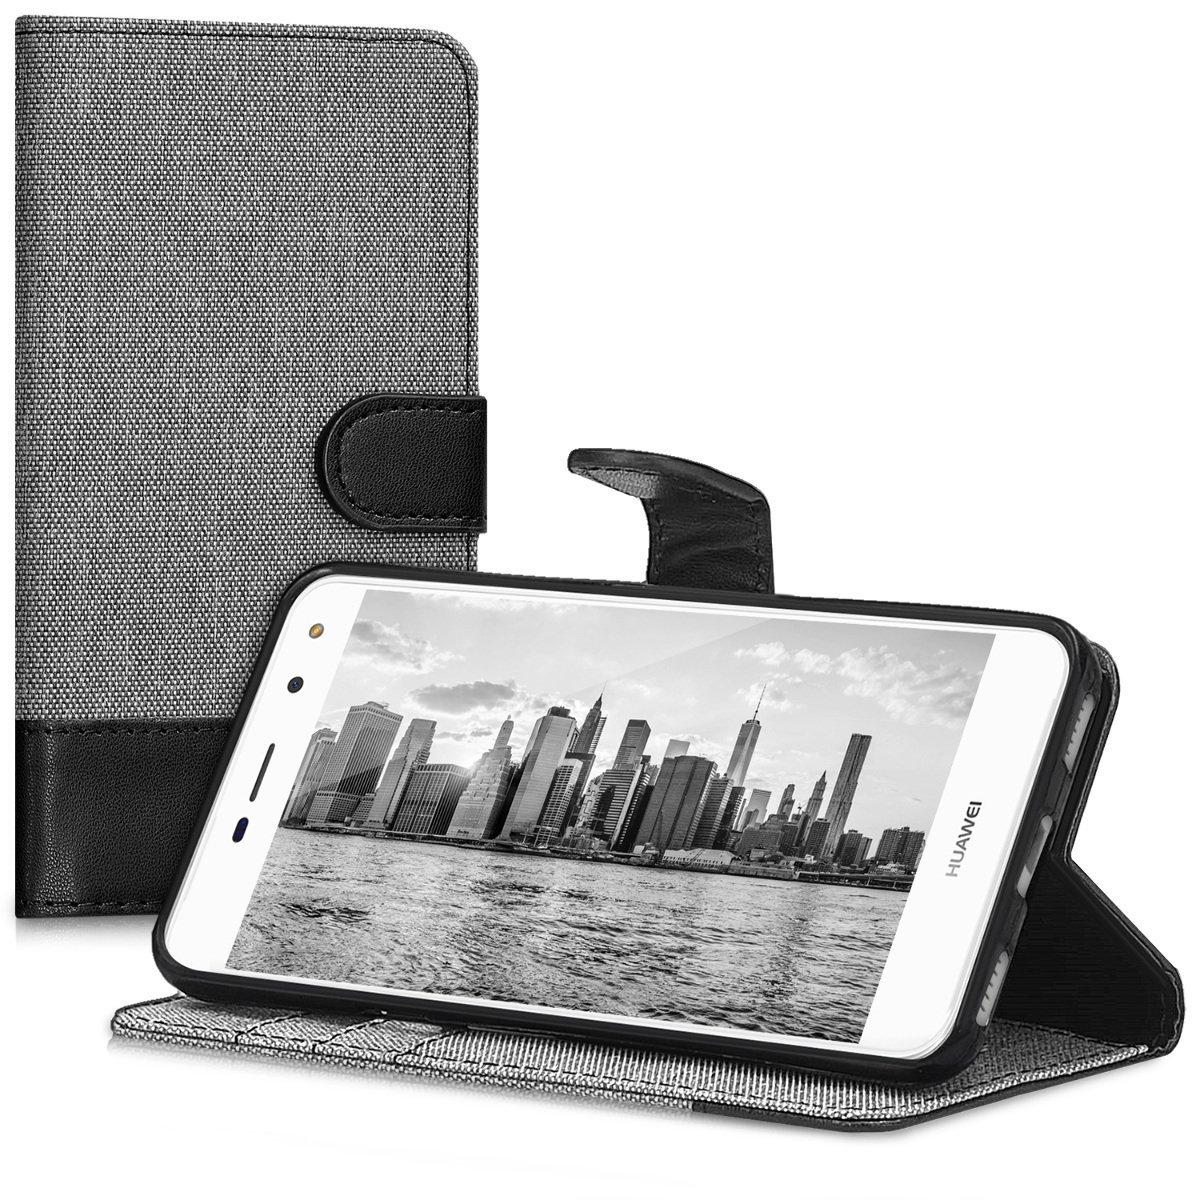 KW Θήκη Πορτοφόλι Huawei Y6 2017 - Grey / Black Canvas (42111.01) θήκες κινητών